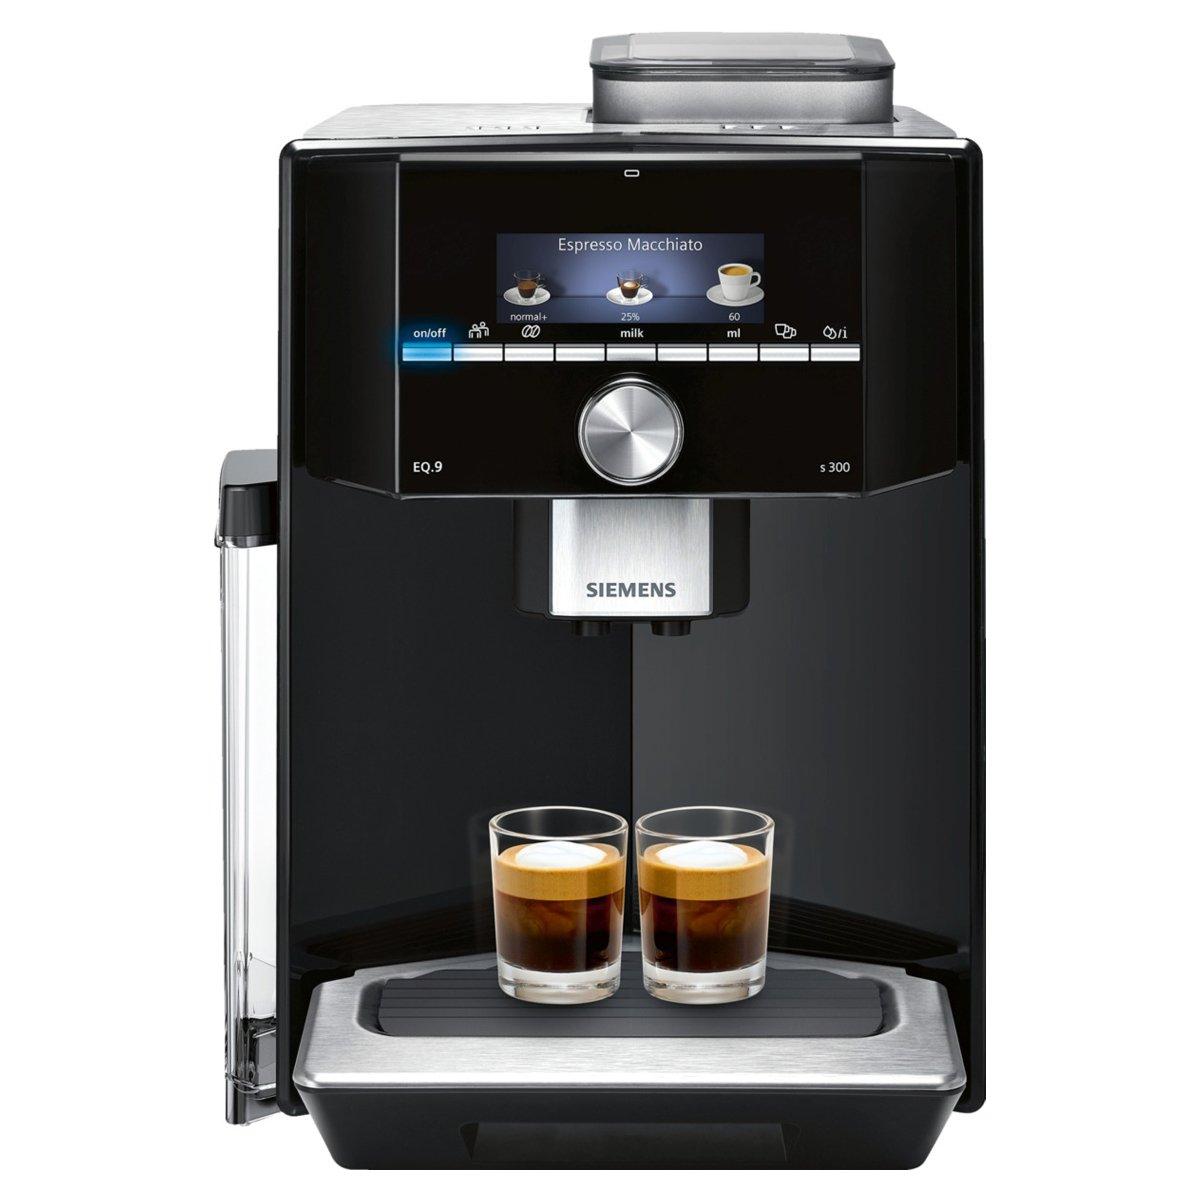 Siemens TI903509DE per caffè espresso automatica EQ.9S300, 19Bar, sistema di riscaldamento intelligente, Auto Milk Clean, Super Silent, Nero/Acciaio Inox senza filtro acqua argento 19Bar